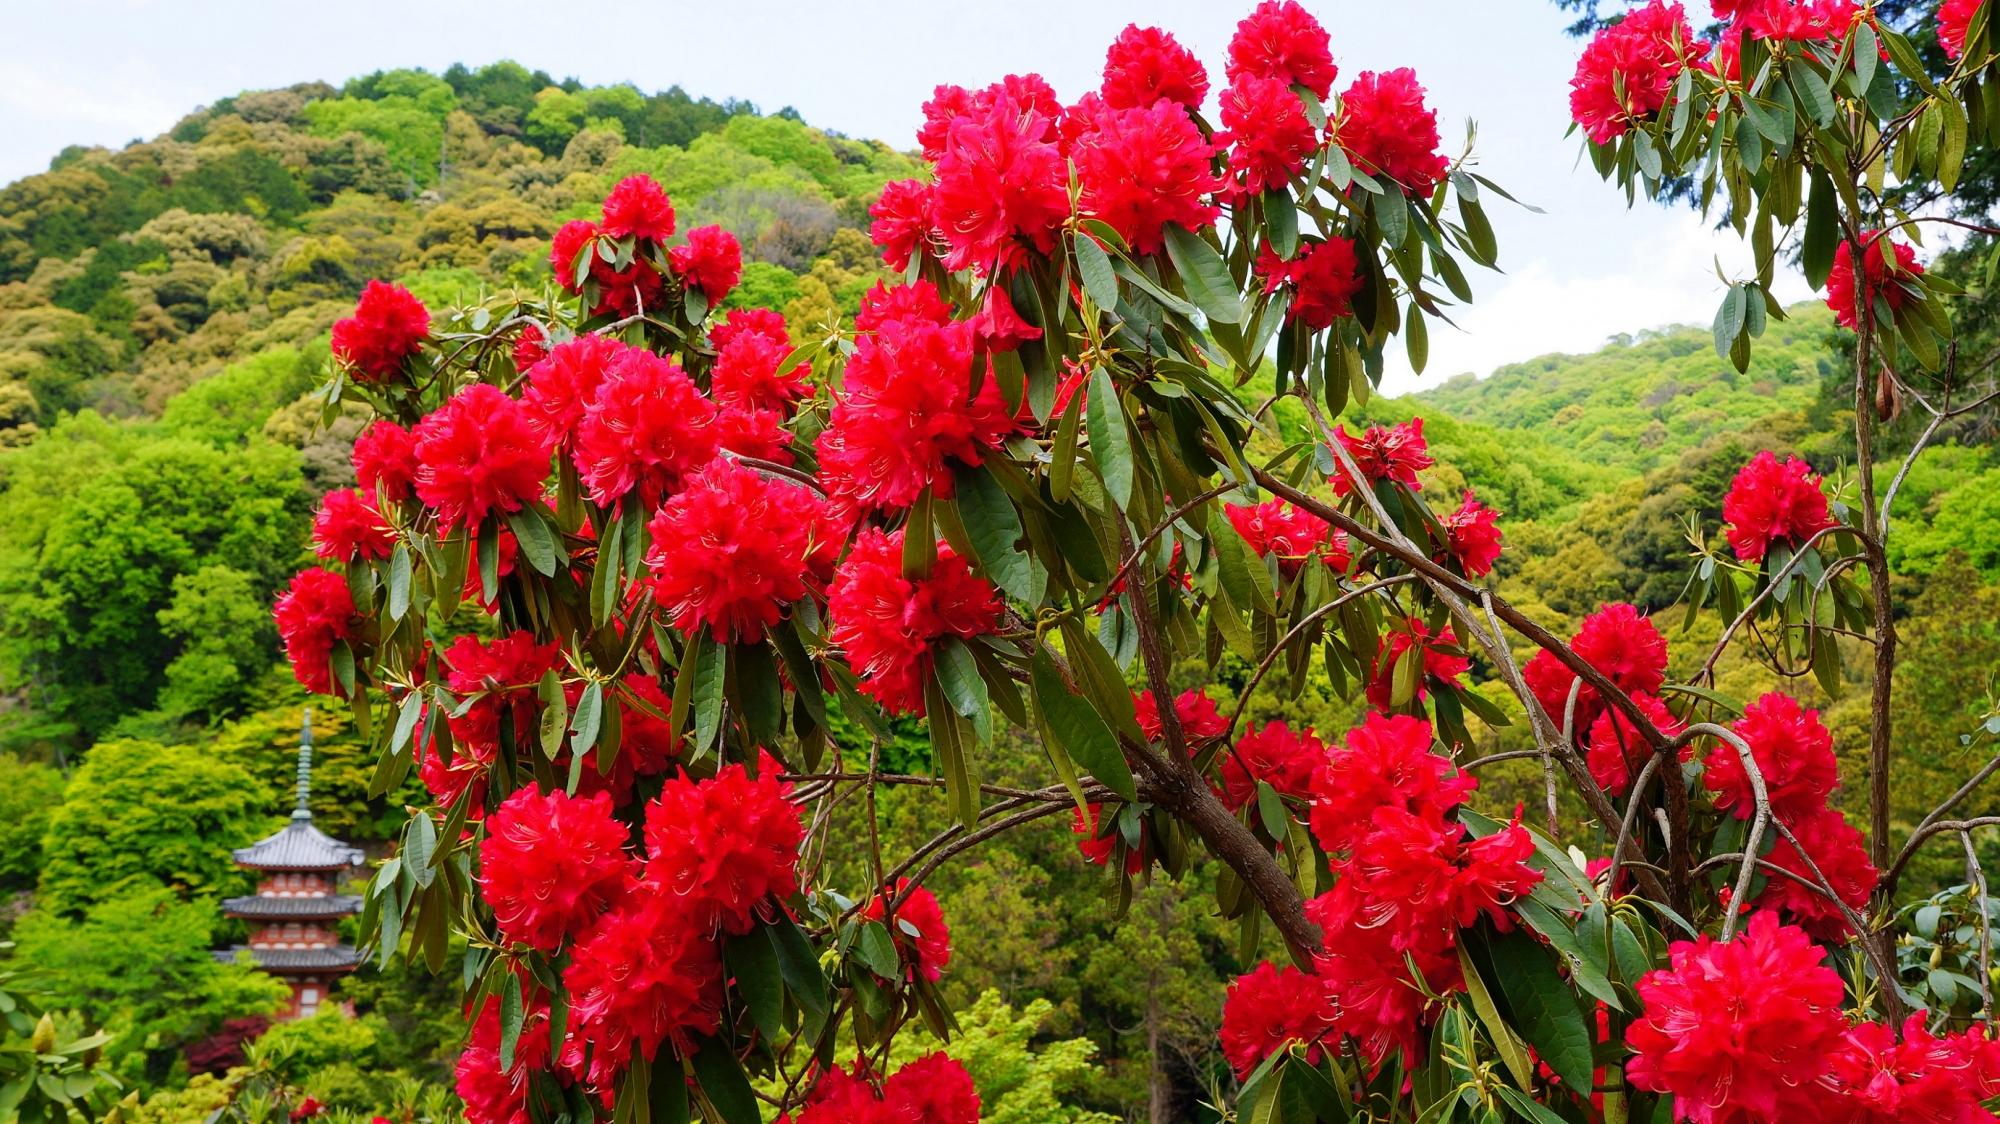 三室戸寺のシャクナゲ園(シャクナゲの谷)の石楠花